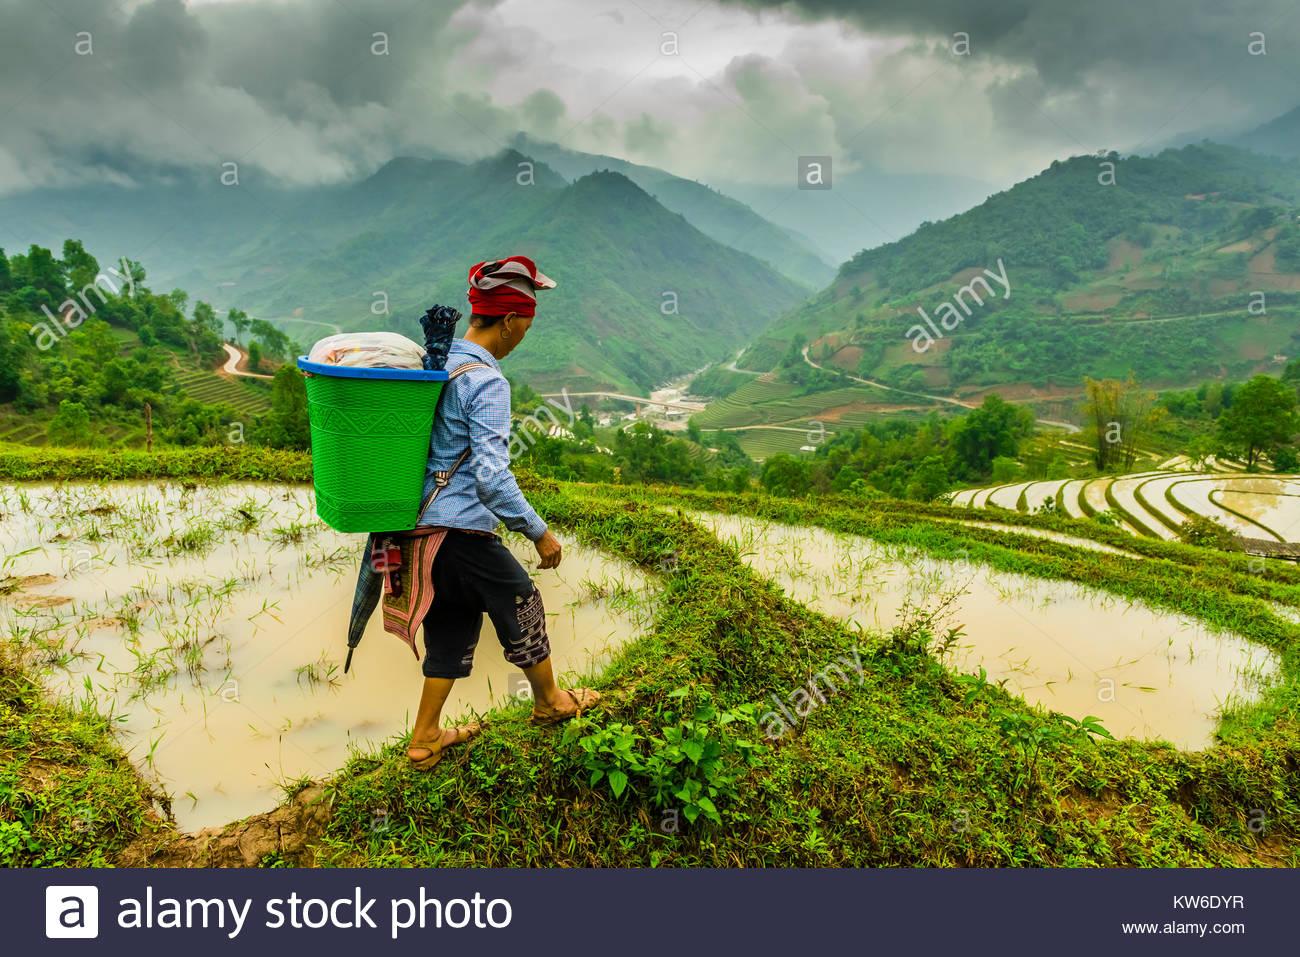 Red Dao Hill Tribe Frau wandern durch Reisterrassen, Muong Hoa Tal, in der Nähe von Sapa, Nordvietnam. Stockbild